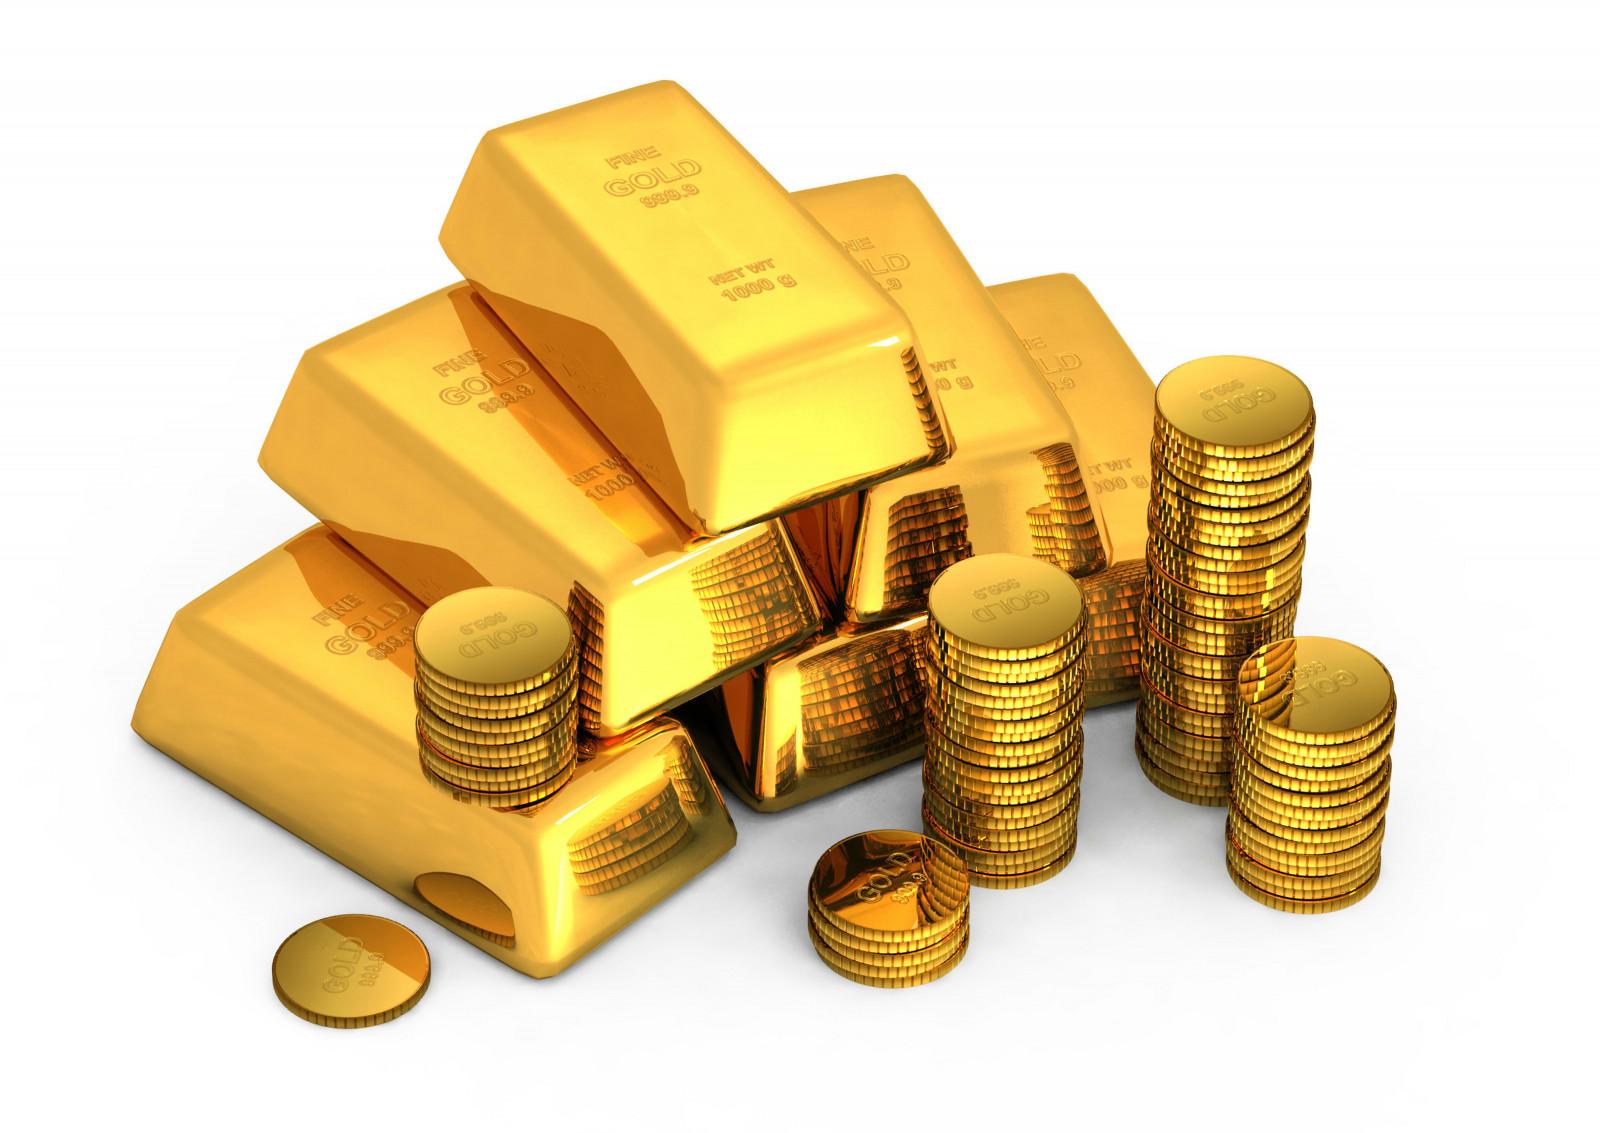 Hình nền : vàng, Vàng thỏi, đồng xu, nền trắng, tiền bạc 4800x3400 - -  1032760 - Hình nền đẹp hd - WallHere